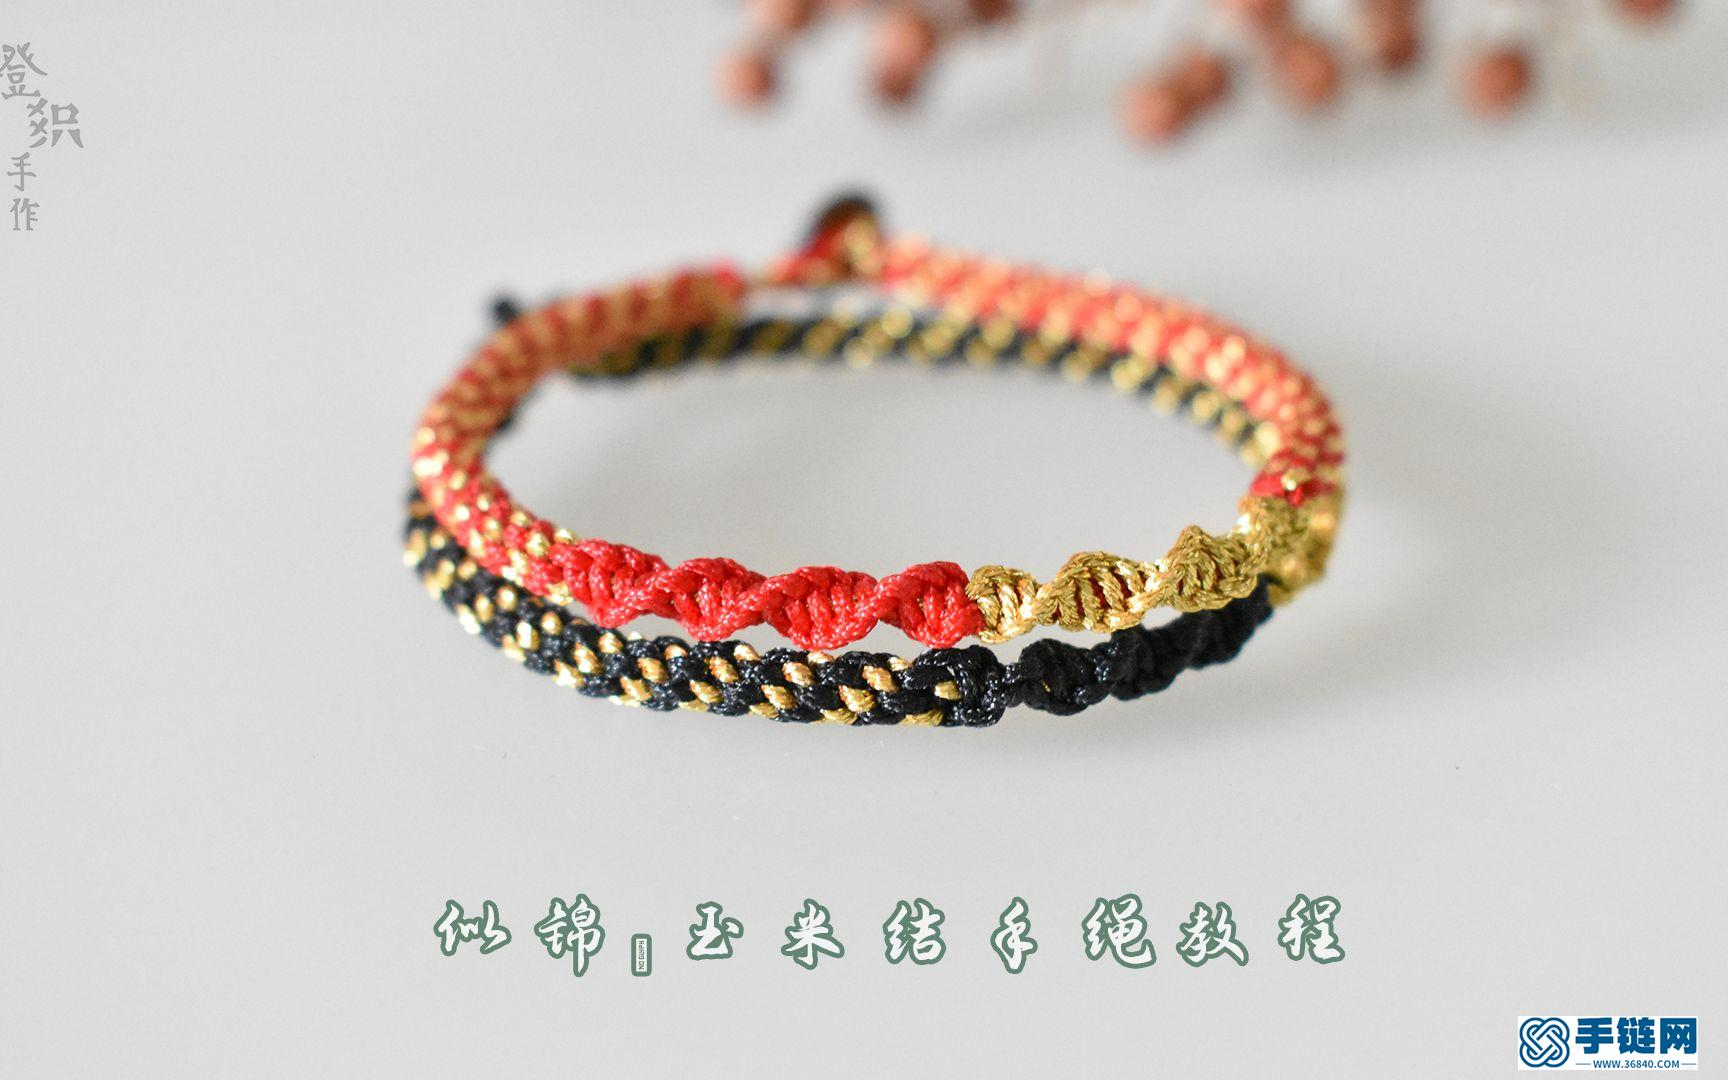 手工编绳似锦·玉米结手绳diy编织教程 玉米结+单向平结 玉线编织 扣子版